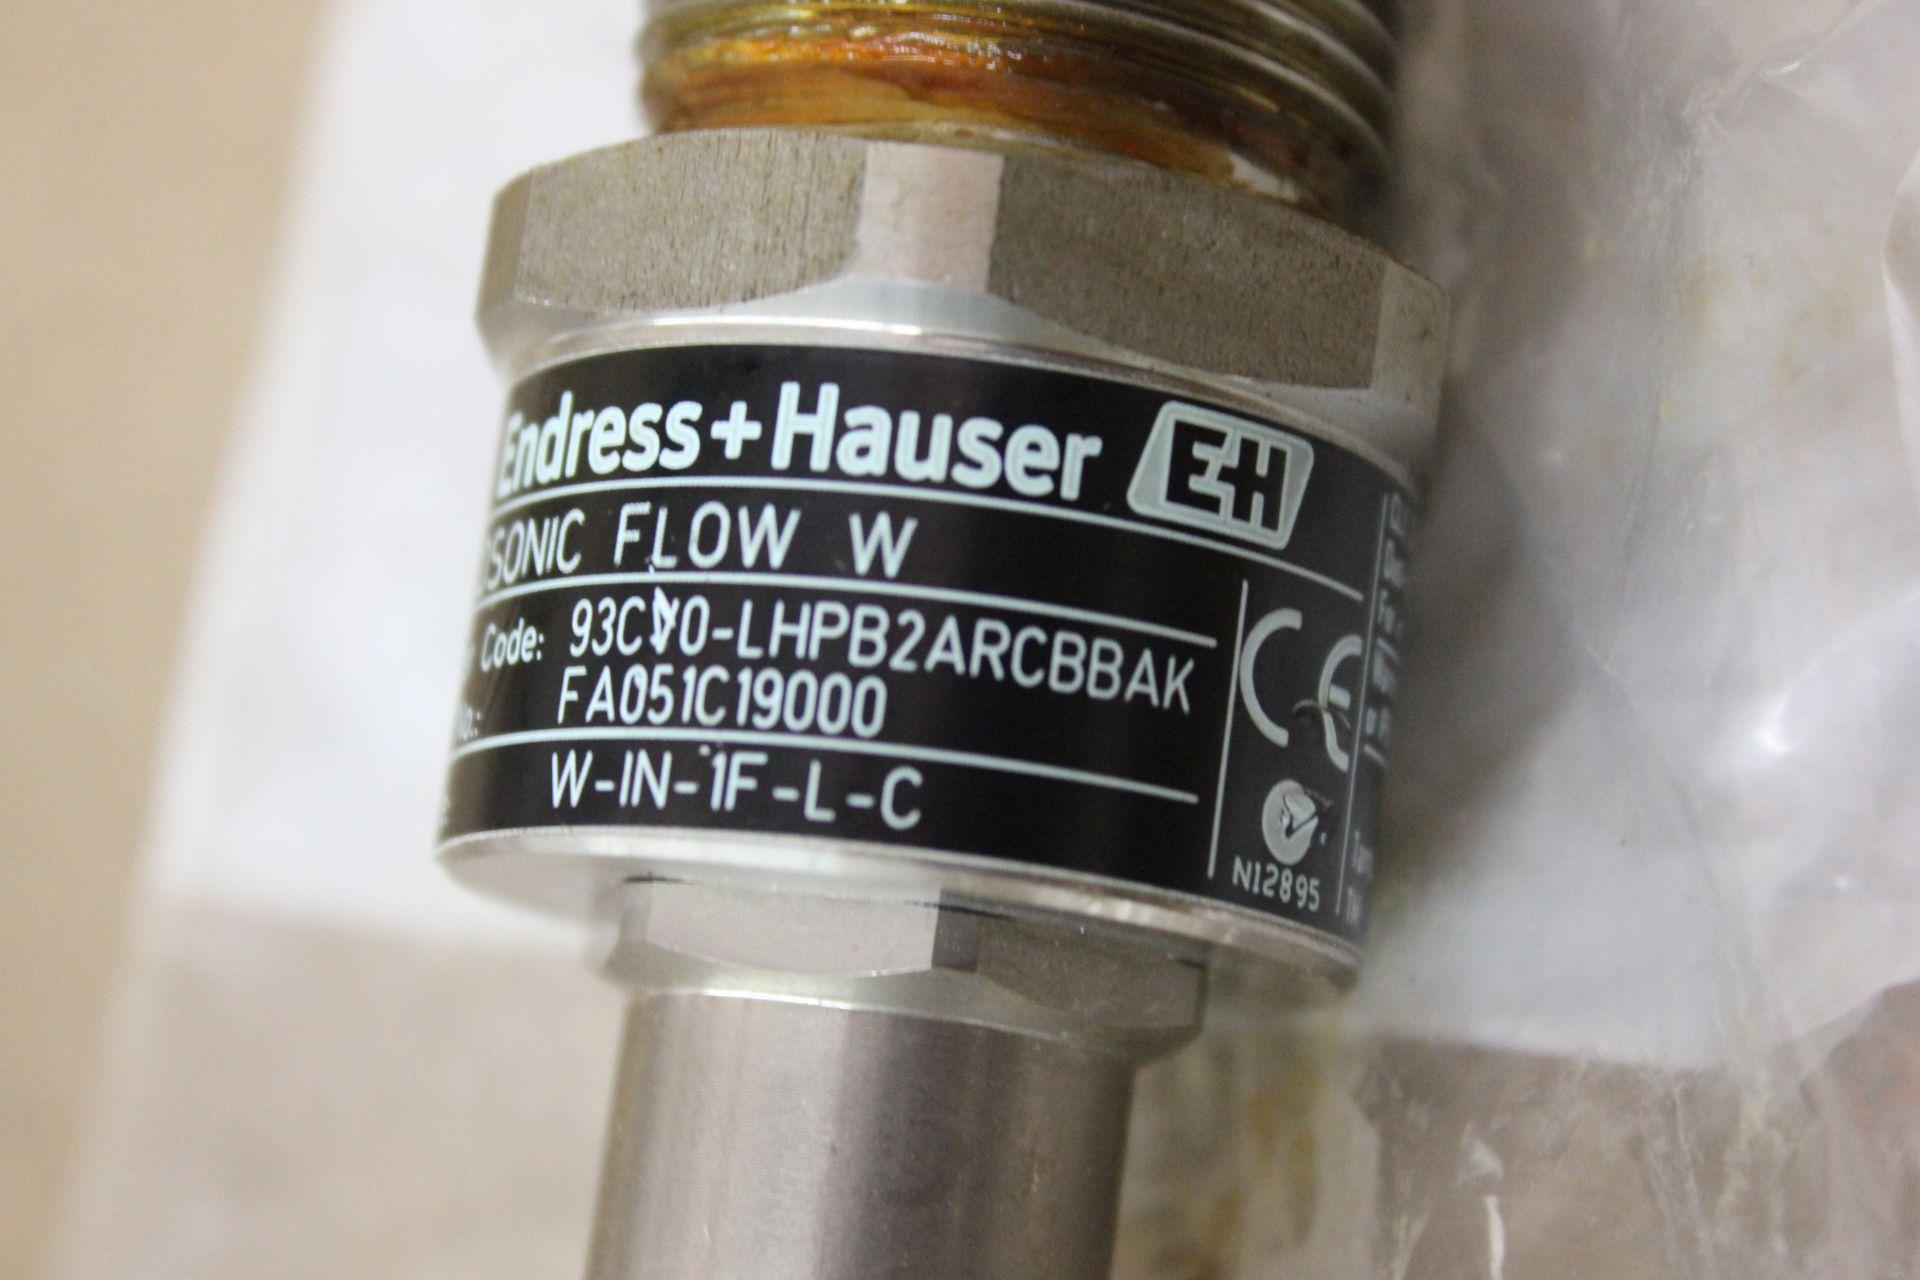 NEW ENDRESS HAUSER ULTRASONIC FLOW SENSOR - Image 6 of 6